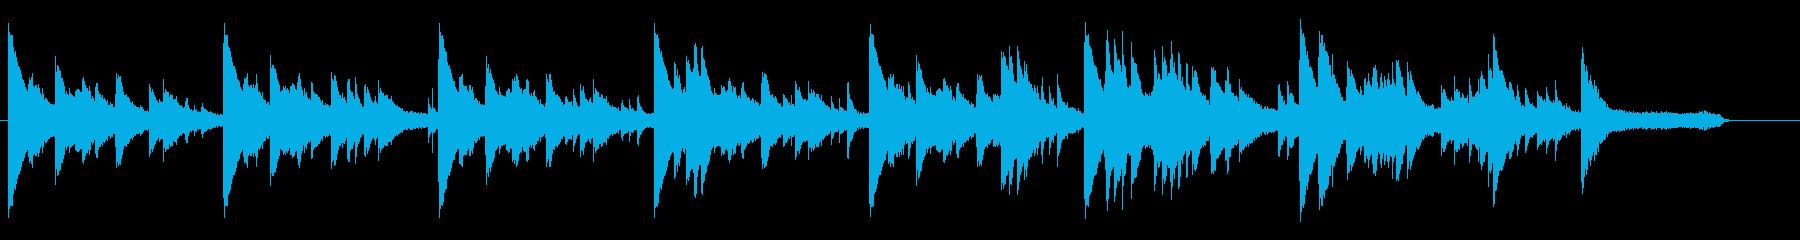 アンニュイ独特の世界観ピアノソロ拍子レスの再生済みの波形